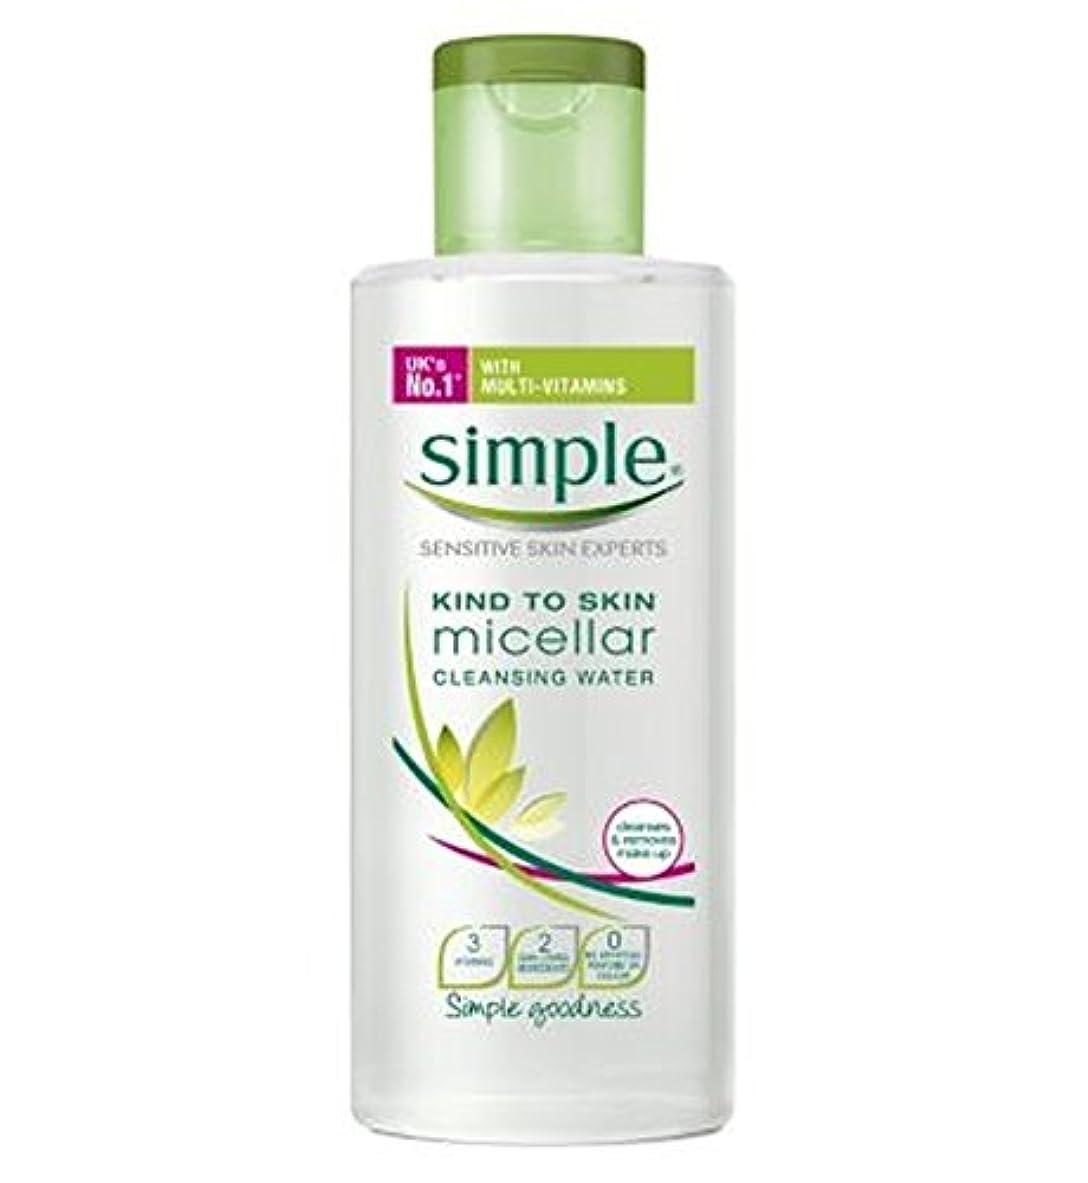 復讐産地金貸し皮膚ミセル洗浄水200ミリリットルに簡単な種類 (Simple) (x2) - Simple Kind To Skin Micellar Cleansing Water 200ml (Pack of 2) [並行輸入品]